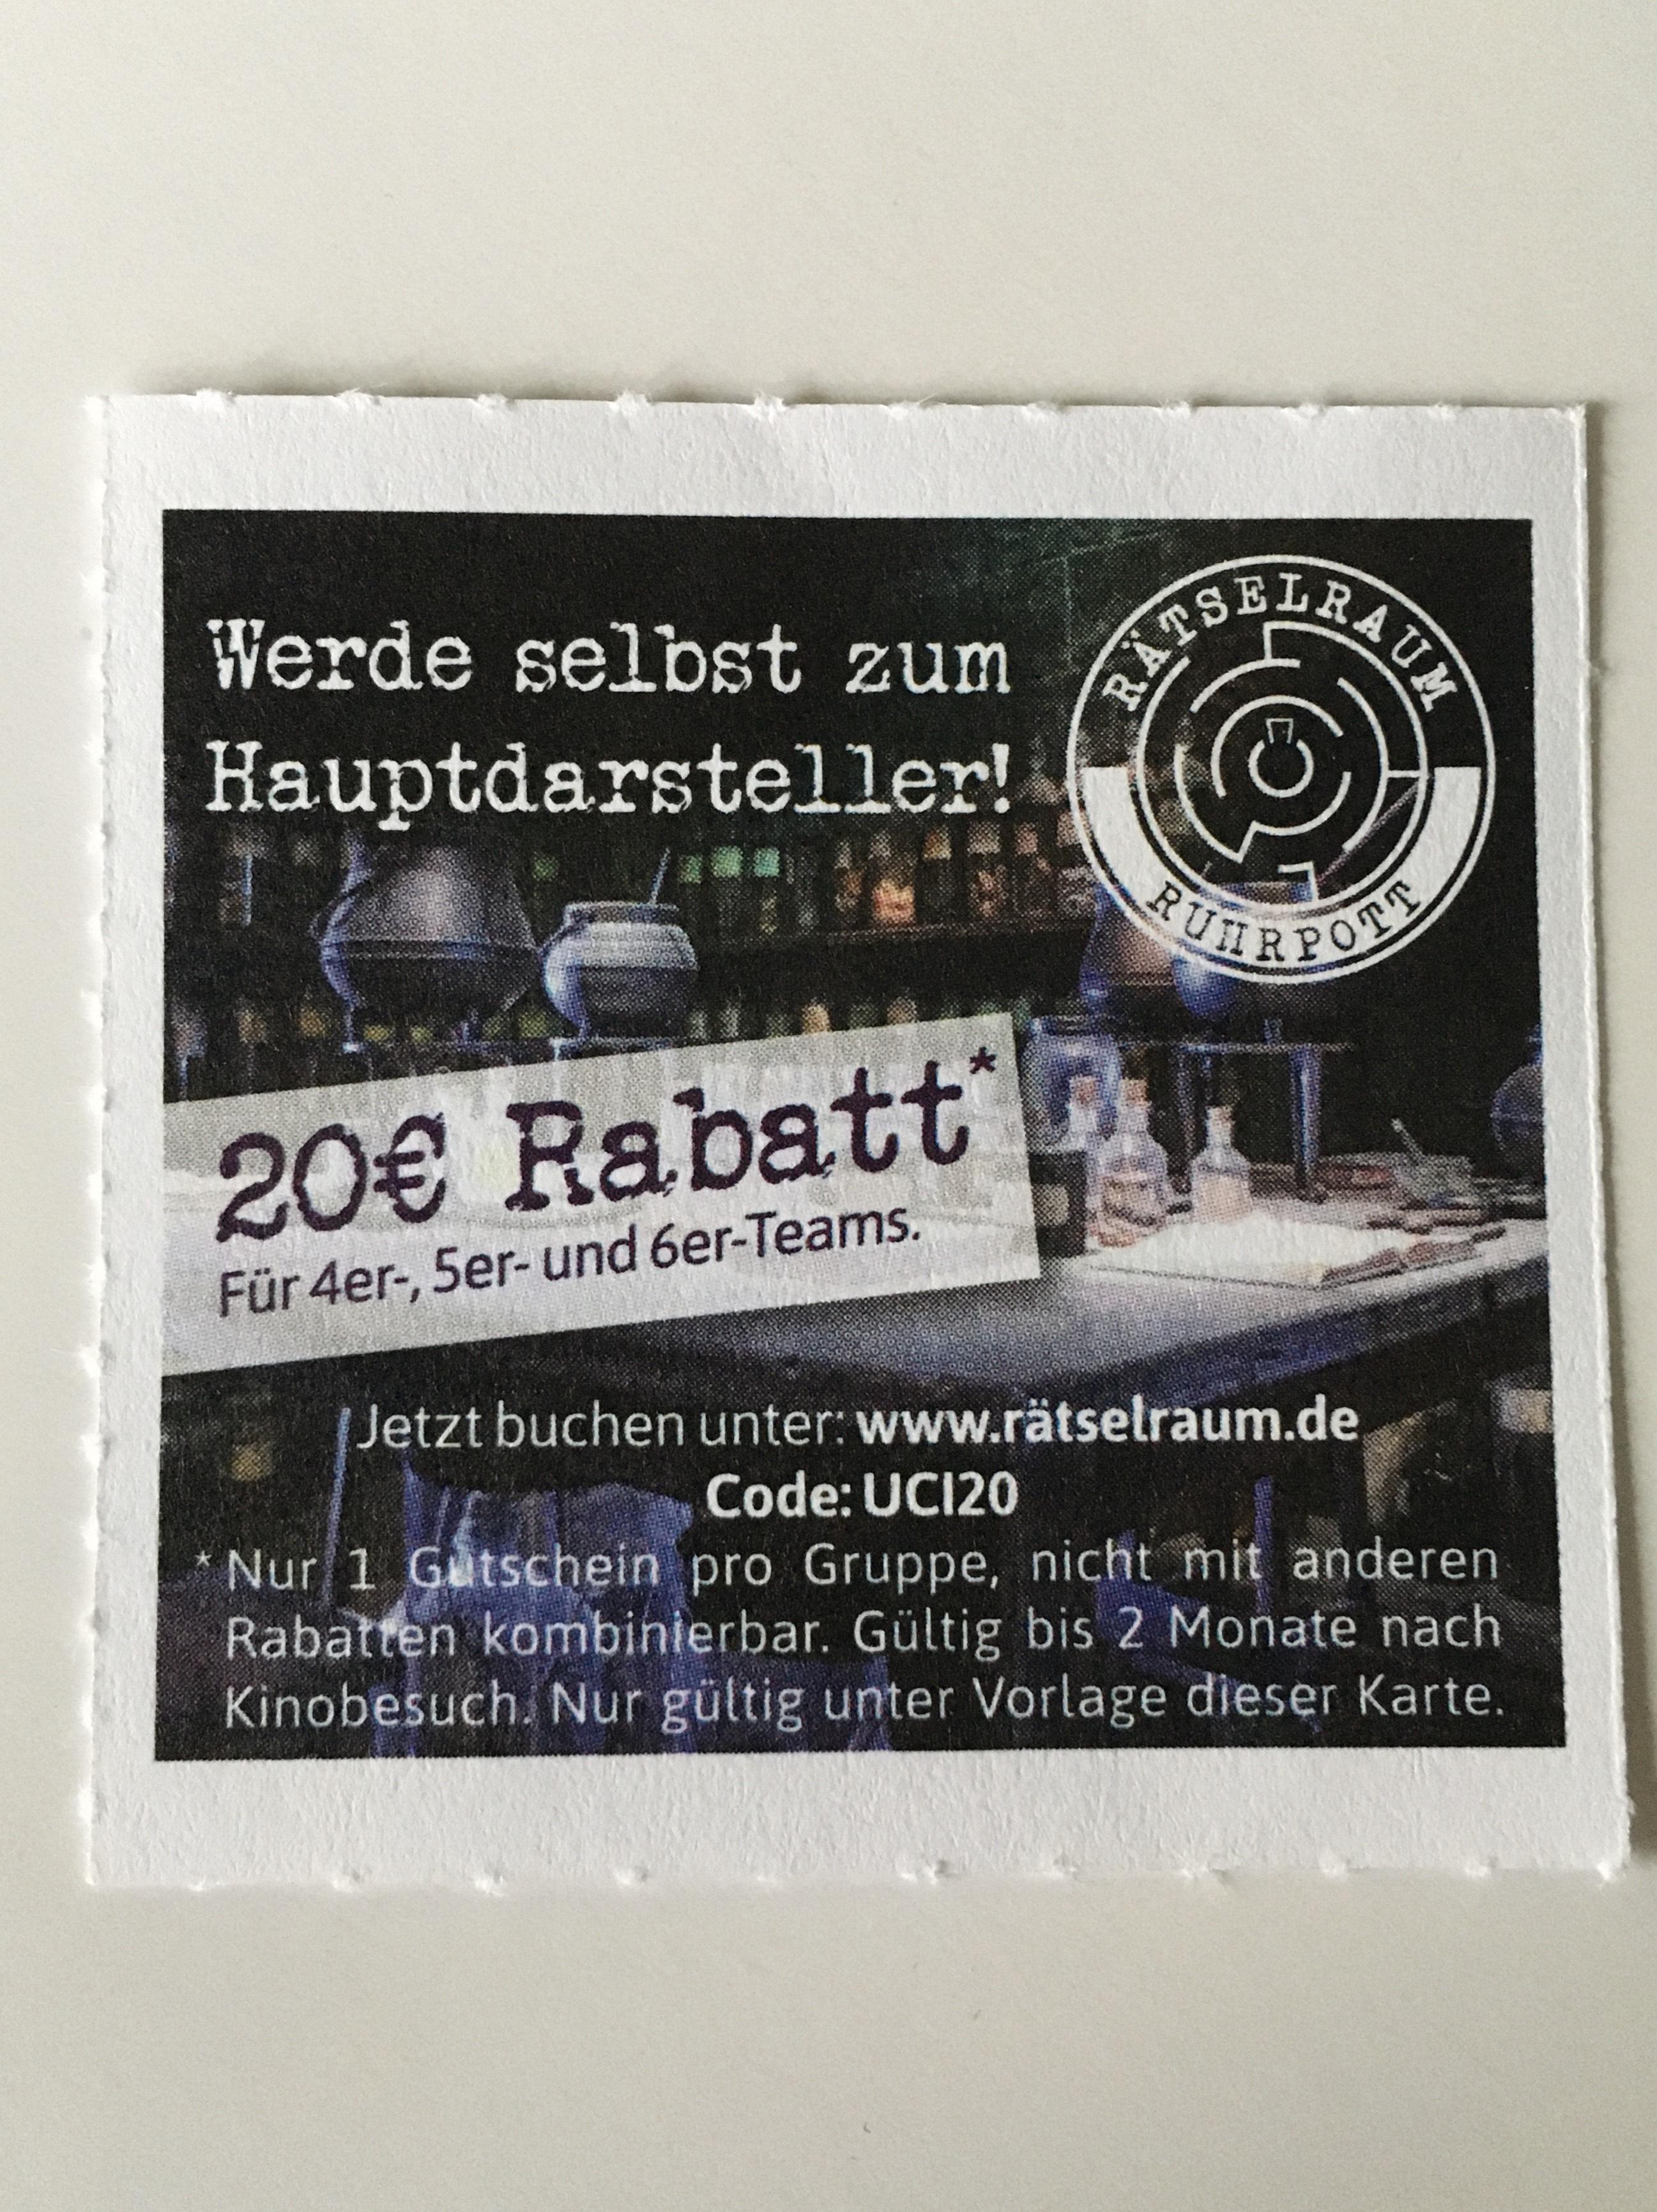 (Bochum Lokal) Rätselraum Ruhrpott 20 € Rabatt Escape Room